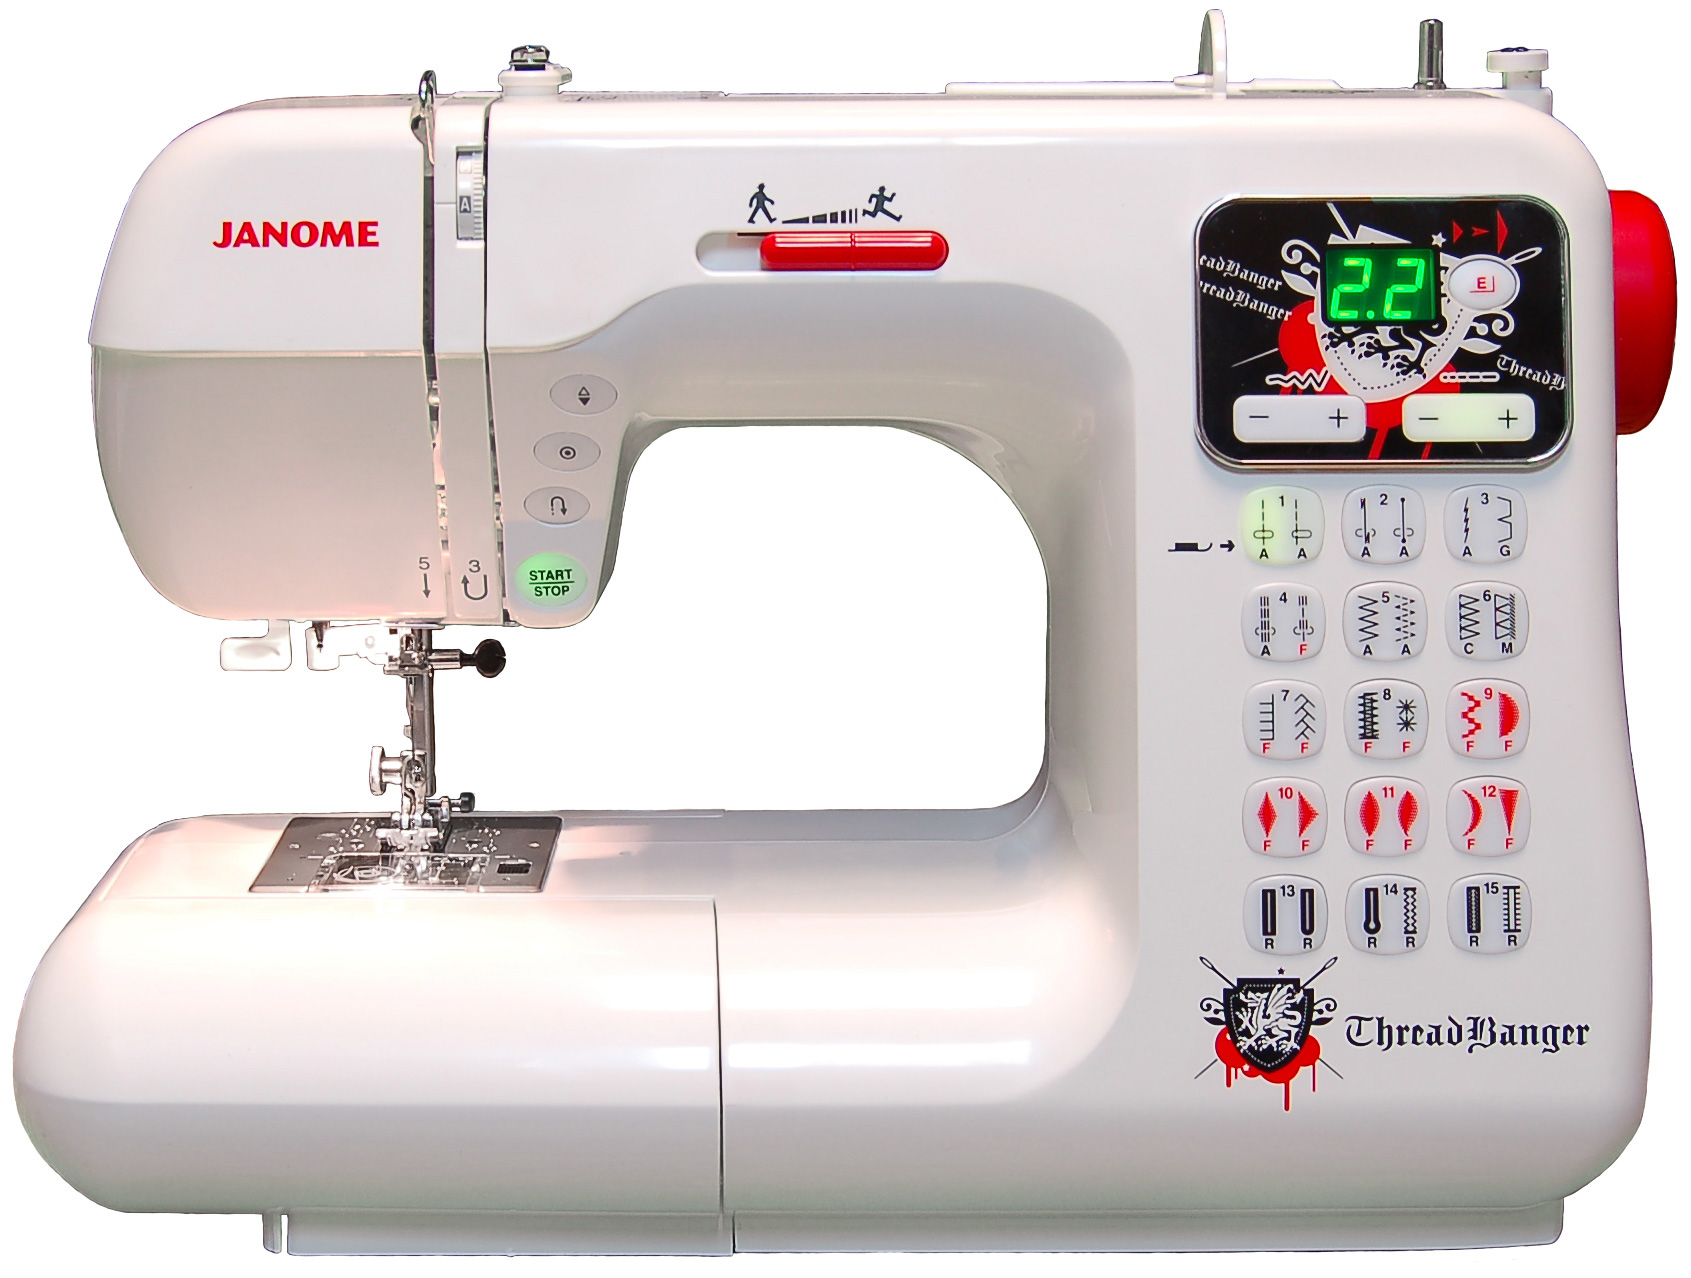 thread banger sewing machine